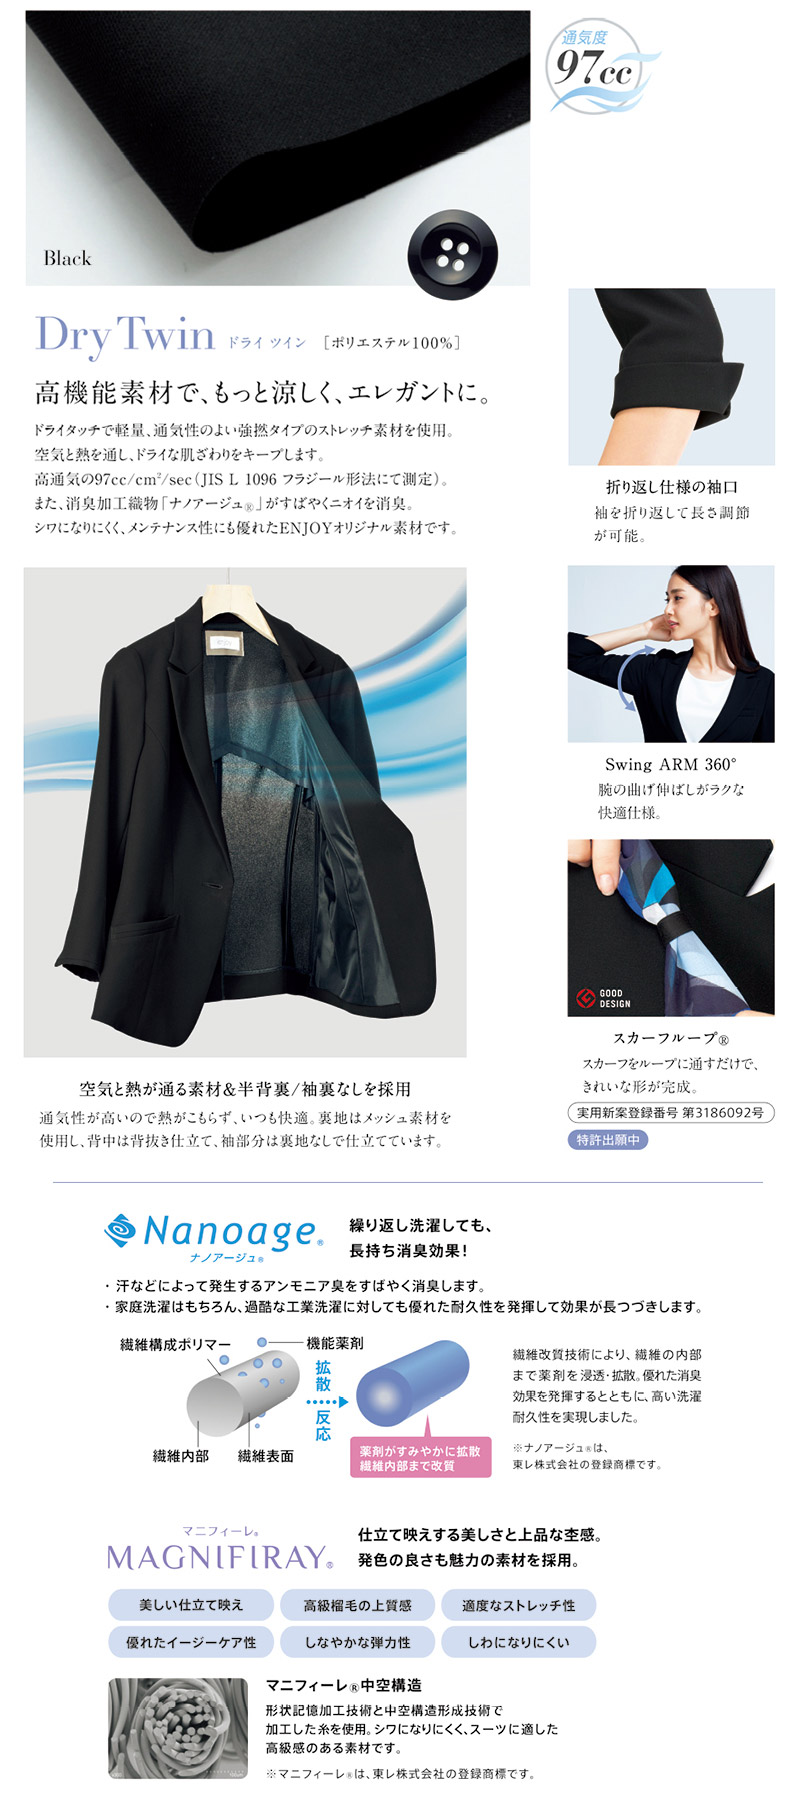 七分袖ノーカラージャケット(Air Suits for Service )